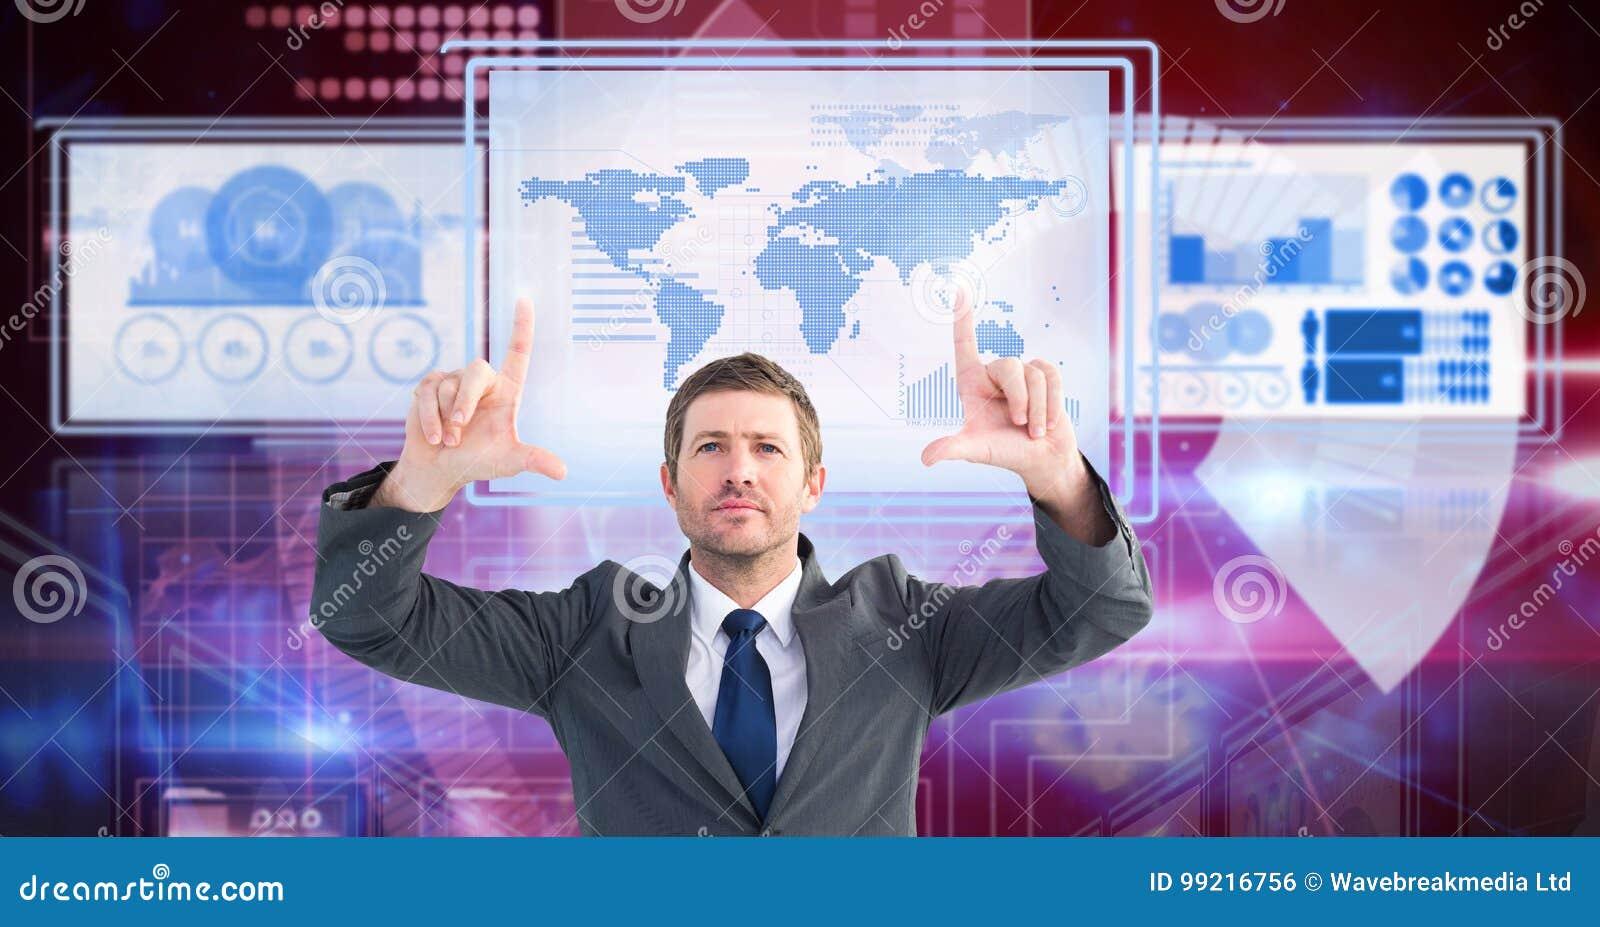 Homme d affaires touchant et agissant l un sur l autre avec des panneaux d interface de technologie